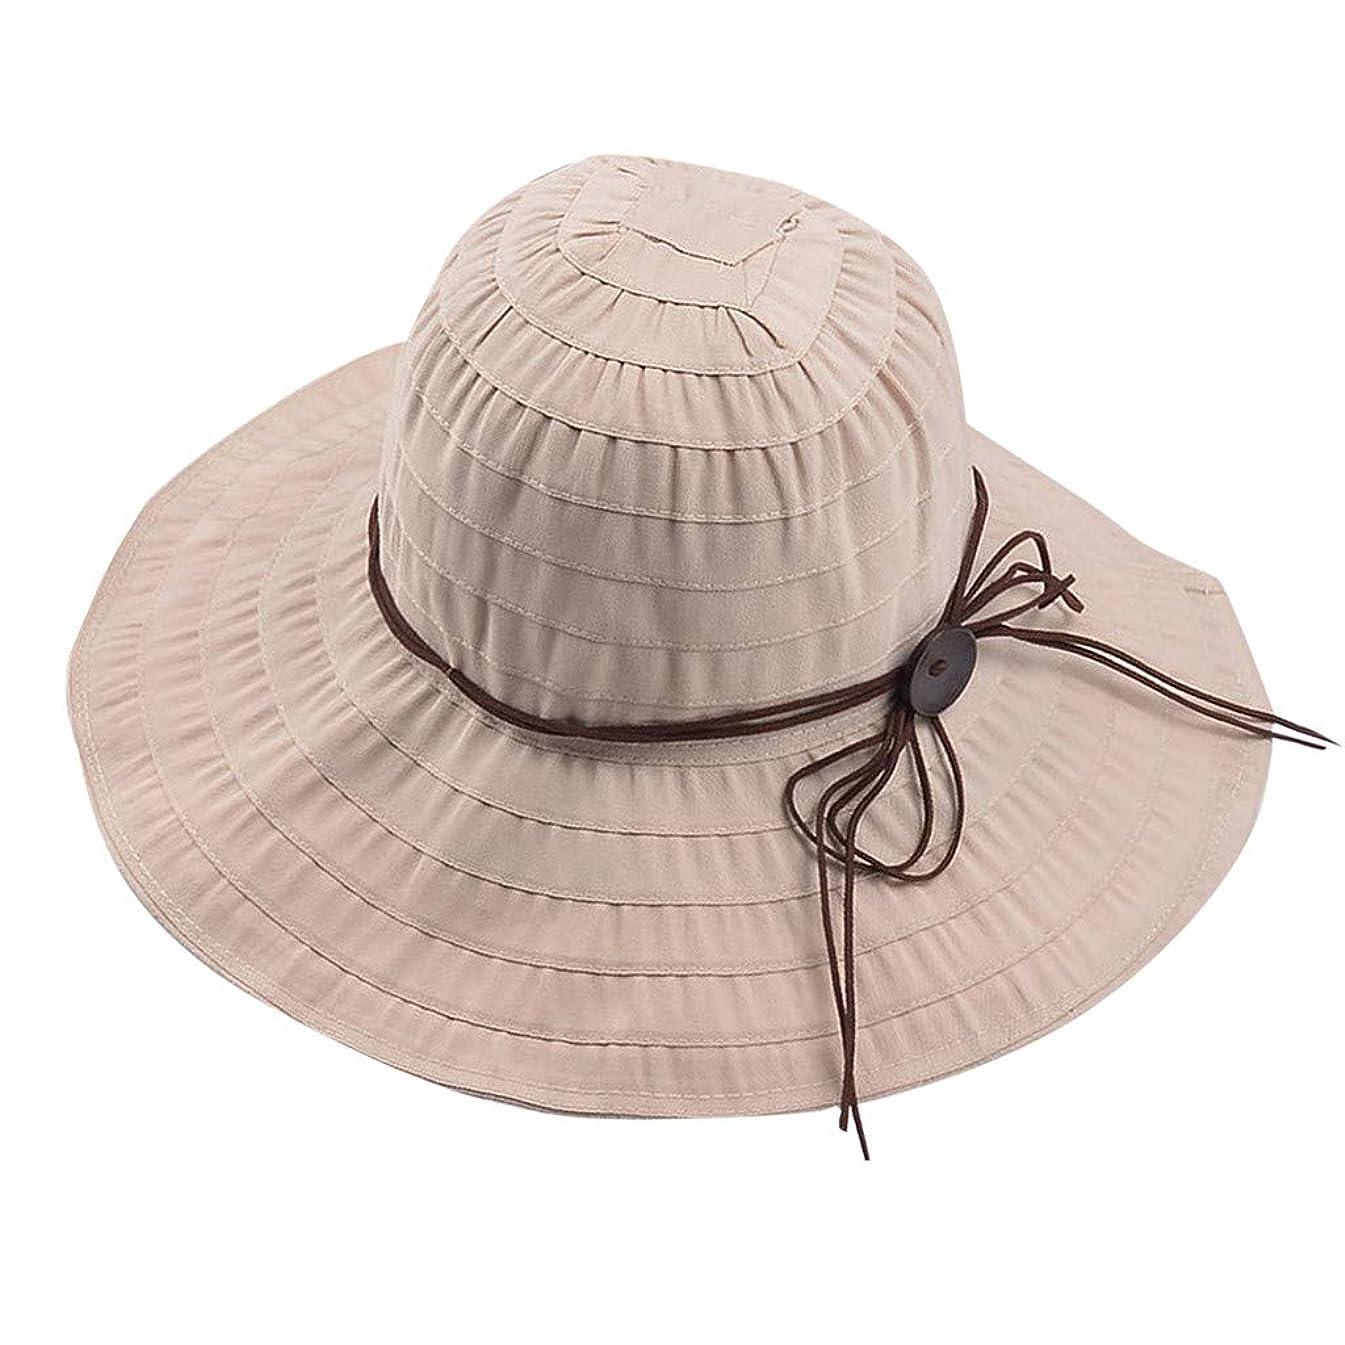 つづり聖なるトレイルUVカット 帽子 レディース ROSE ROMAN UV 100% カット つば広 漁師帽 夏 UVカット 帽子 ビーチ 紫外線対策 日焼け防止 日焼け 旅行用 日よけ 小顔効果 折りたたみ 海 旅行 ハットストレッチャー 帽子 ハンガー